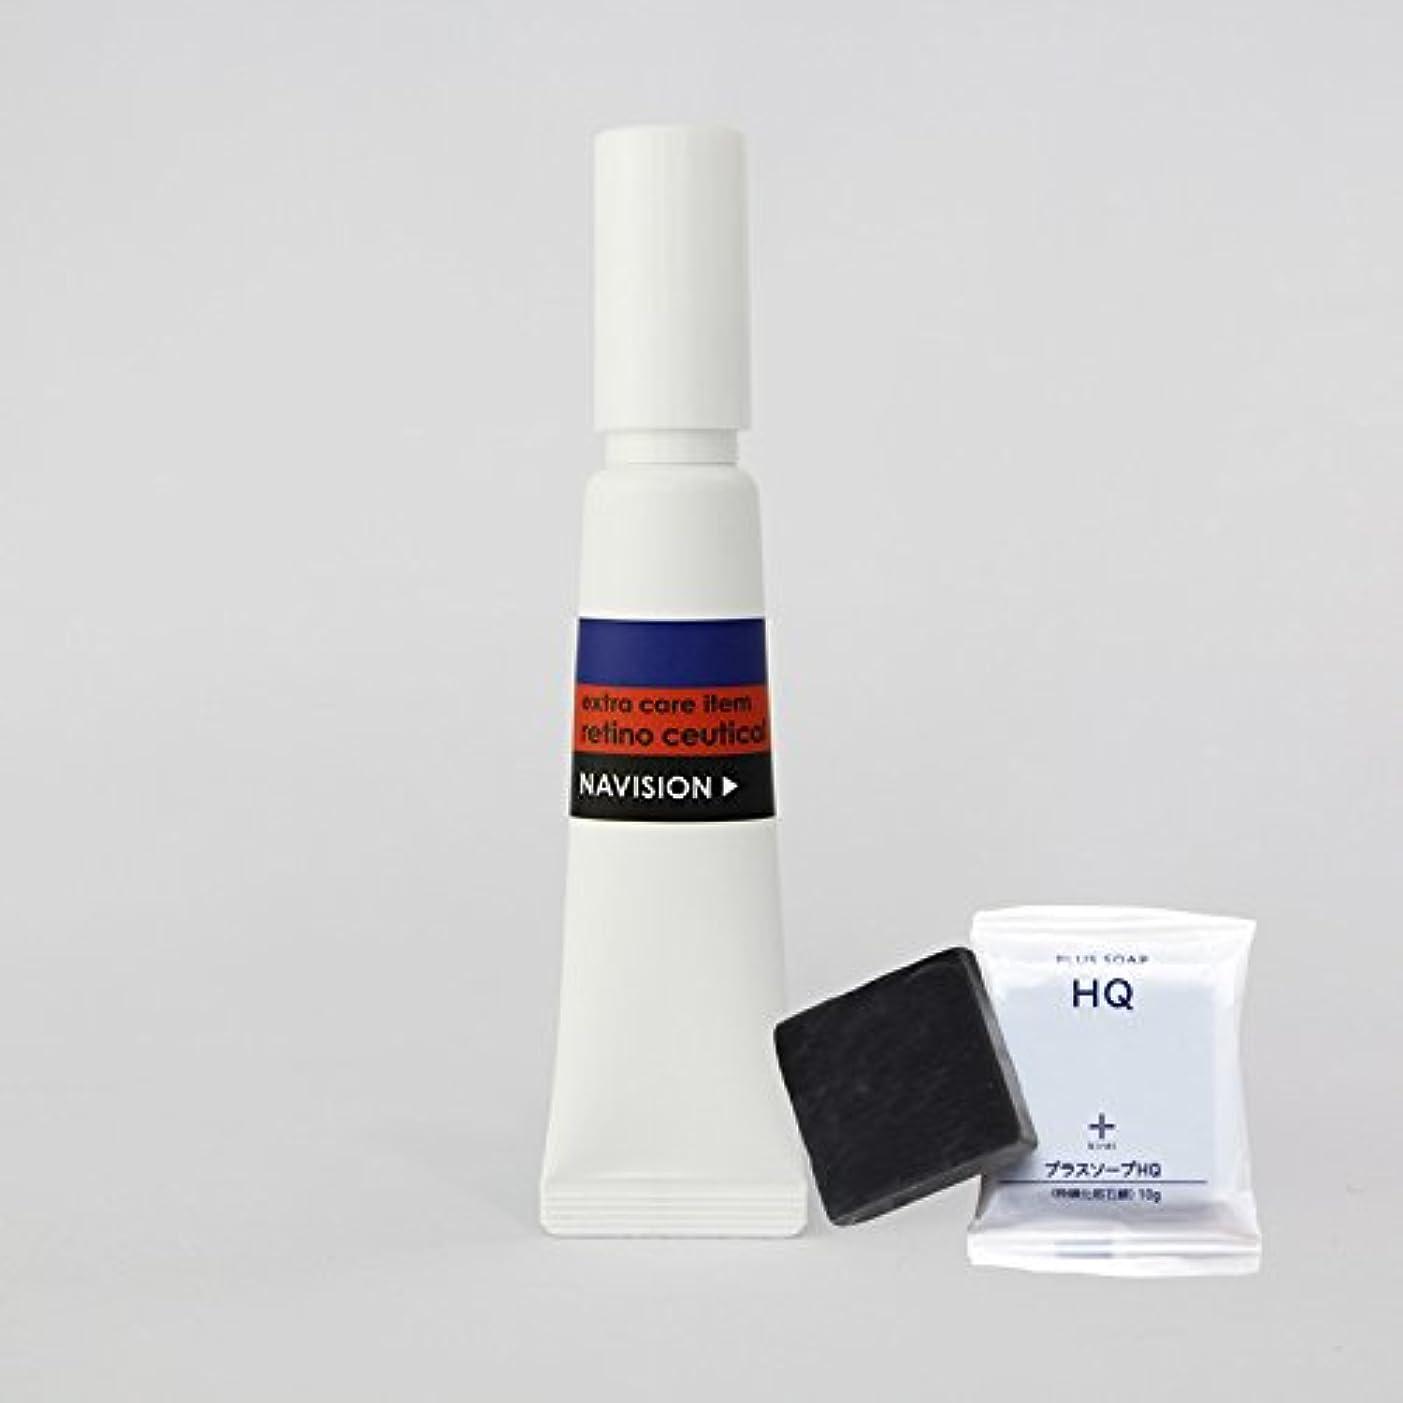 財団おそらくクレデンシャルナビジョン NAVISION レチノシューティカル 15g (医薬部外品) + プラスキレイ プラスソープHQミニ